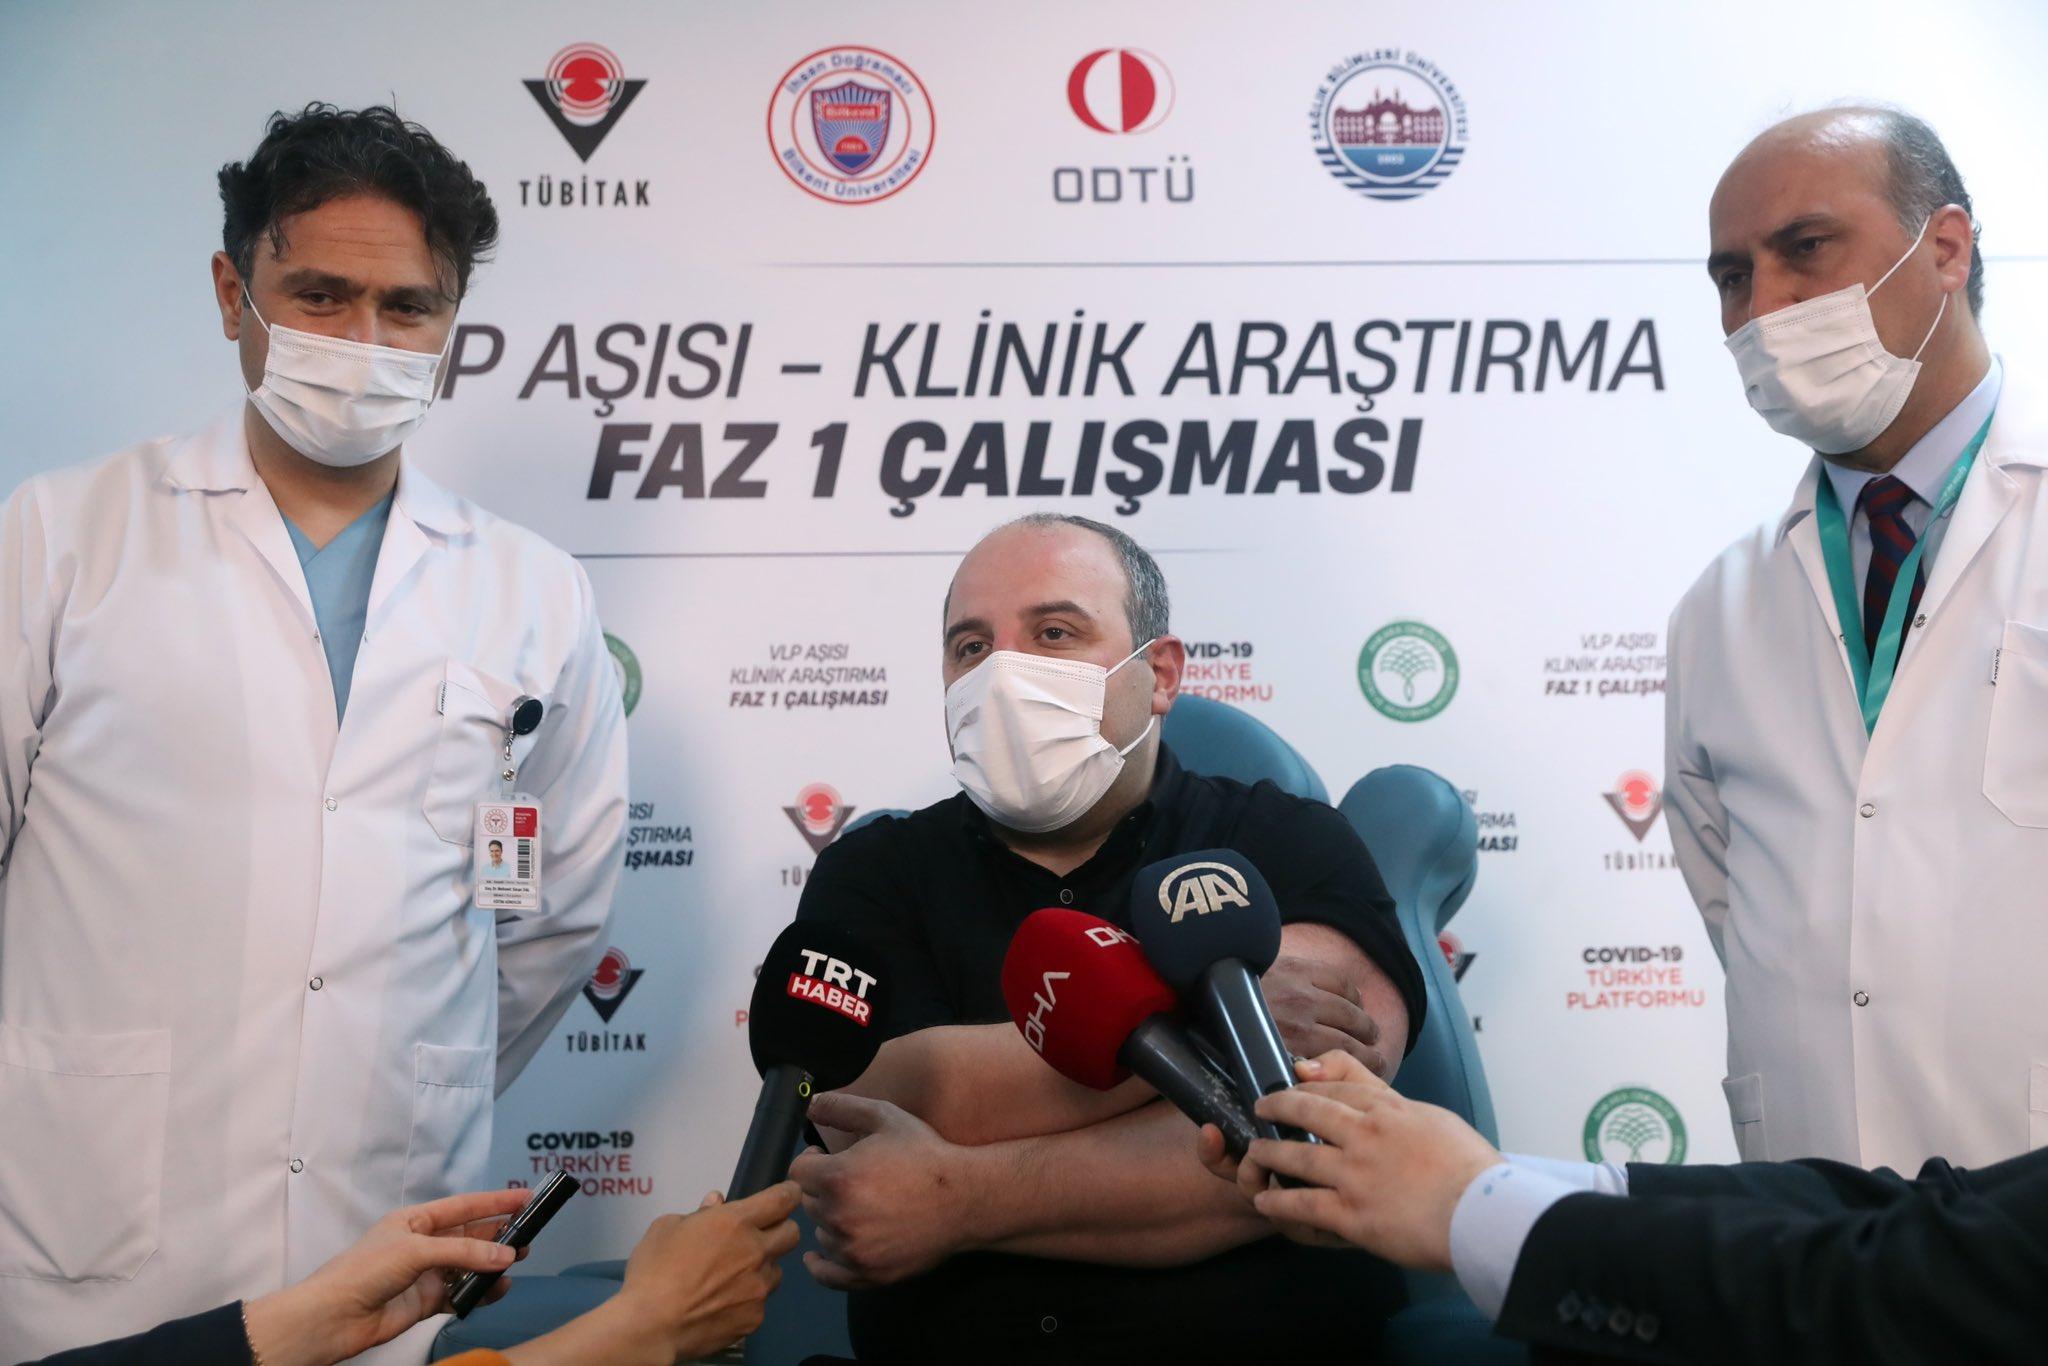 Bakan Varank yerli aşı çalışmalarında faz 1 gönüllüsü oldu